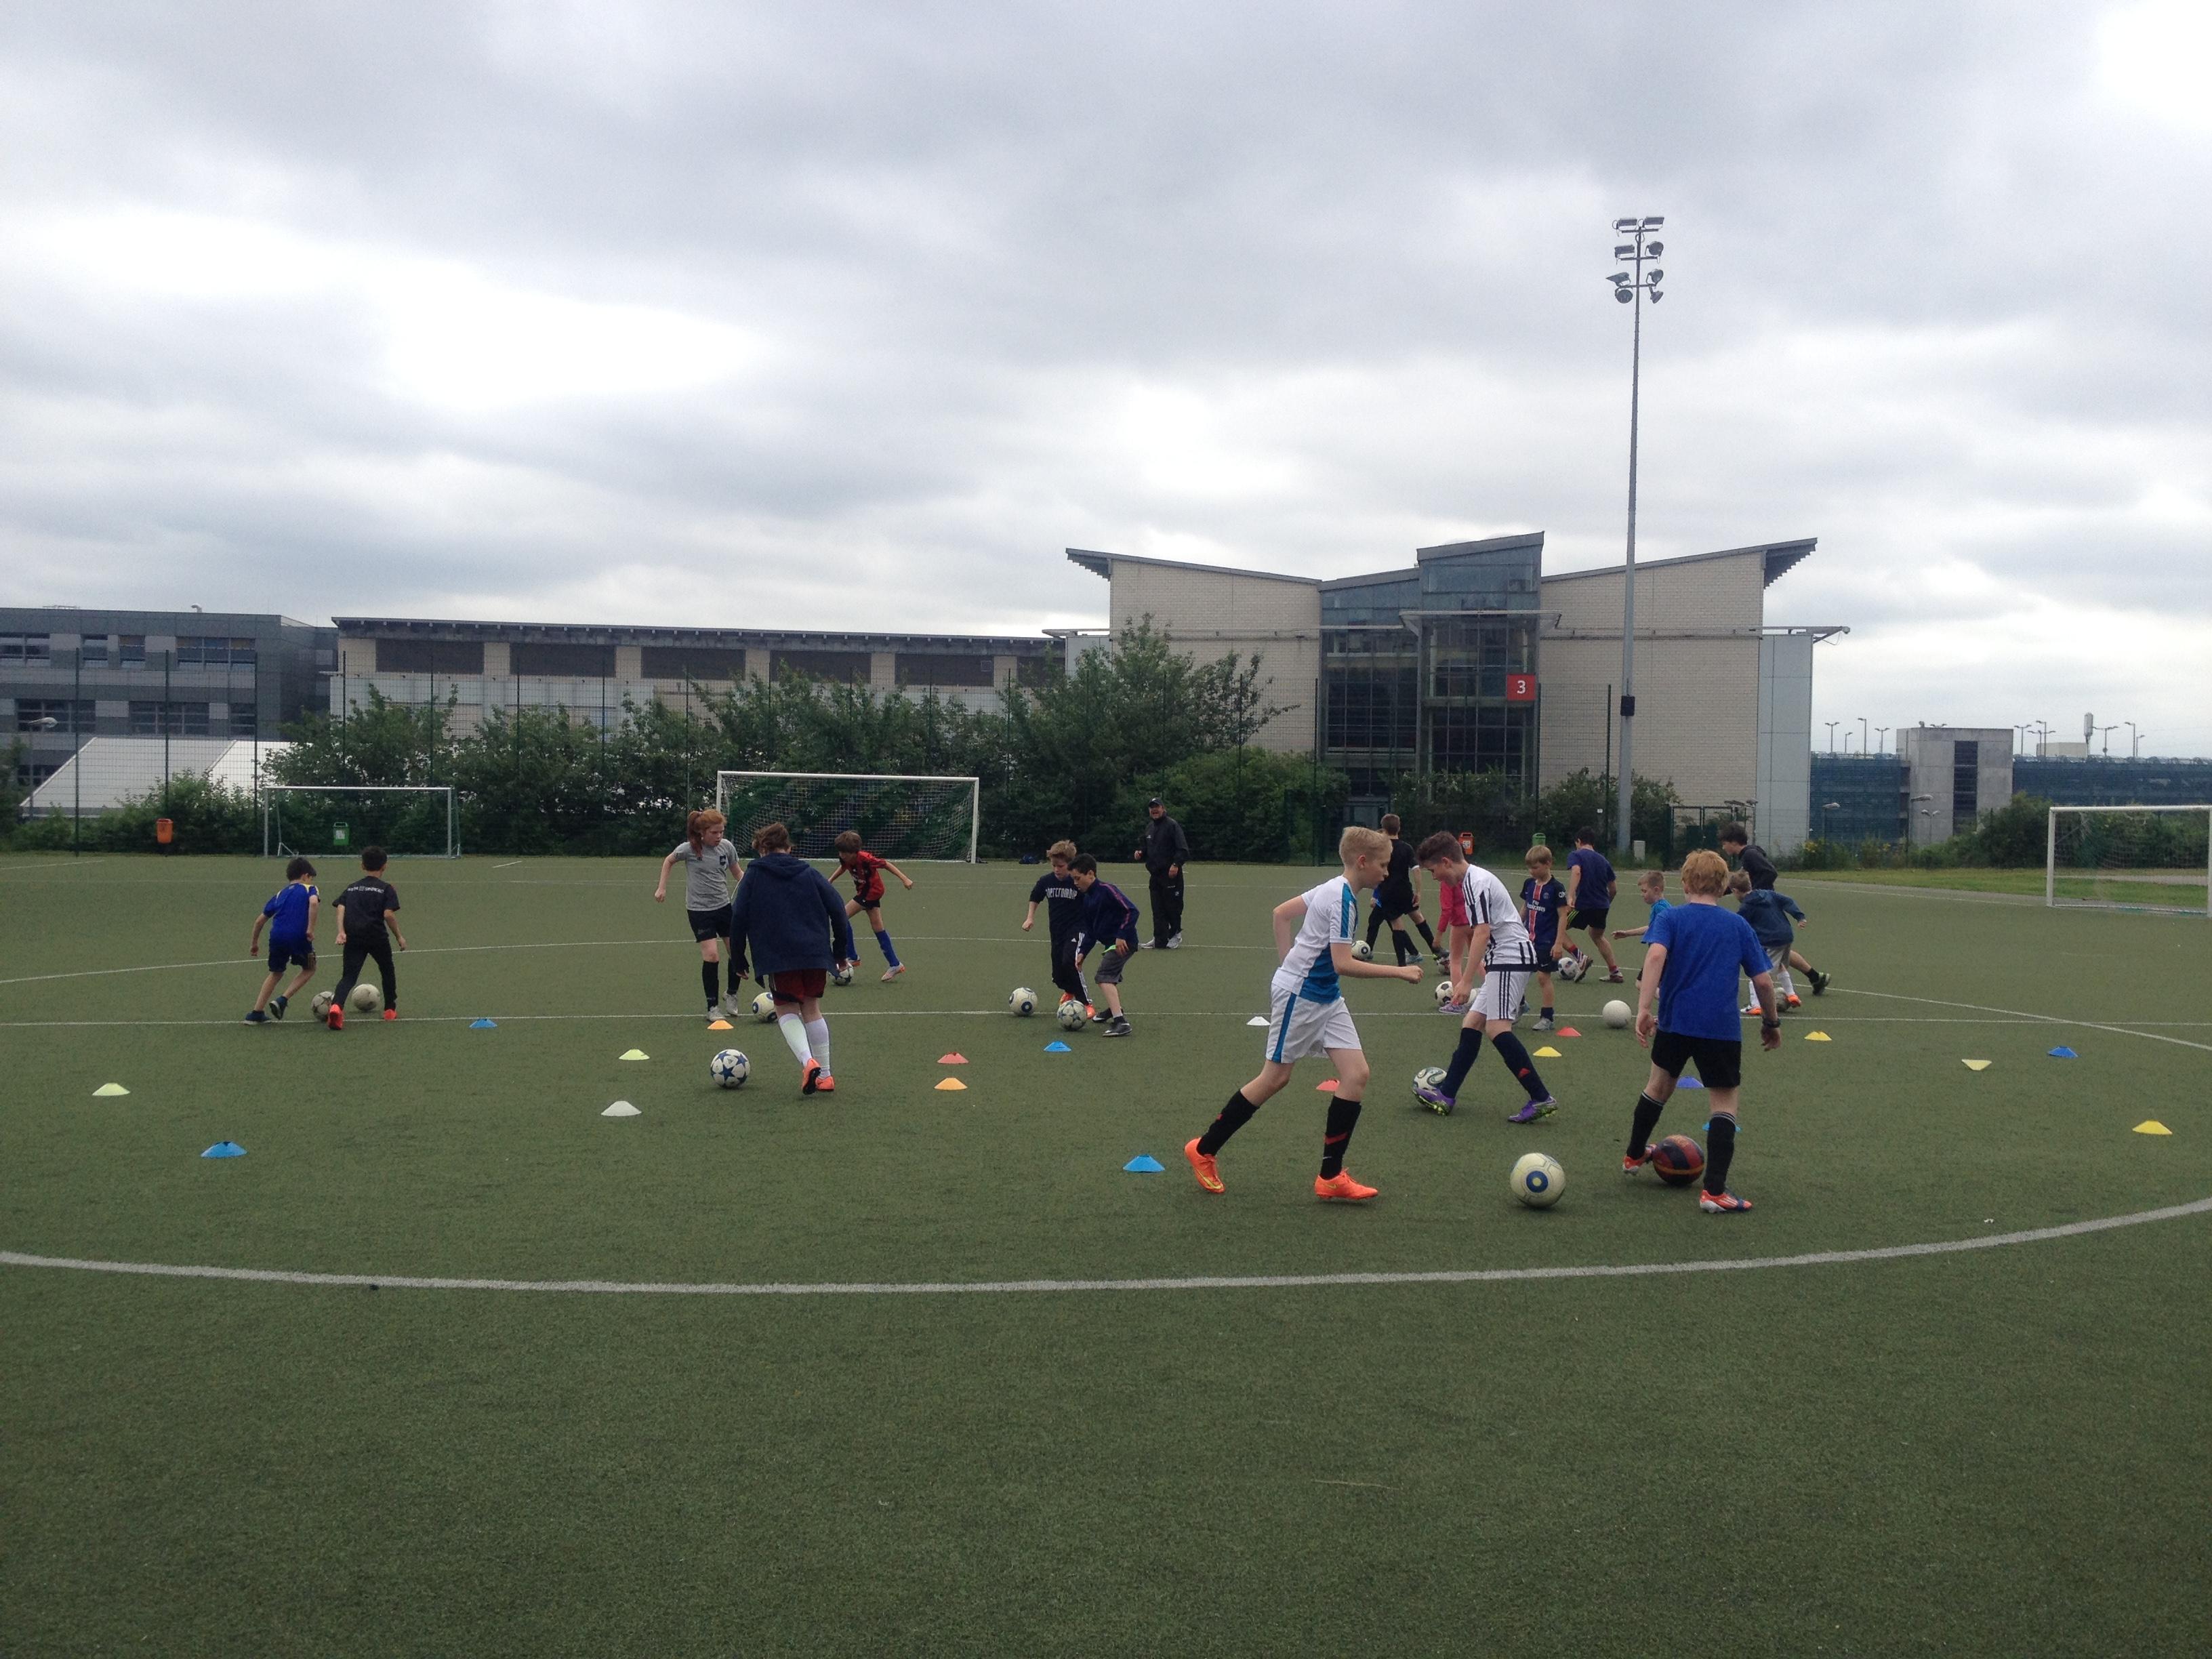 FKA Scolaires Camp Training C